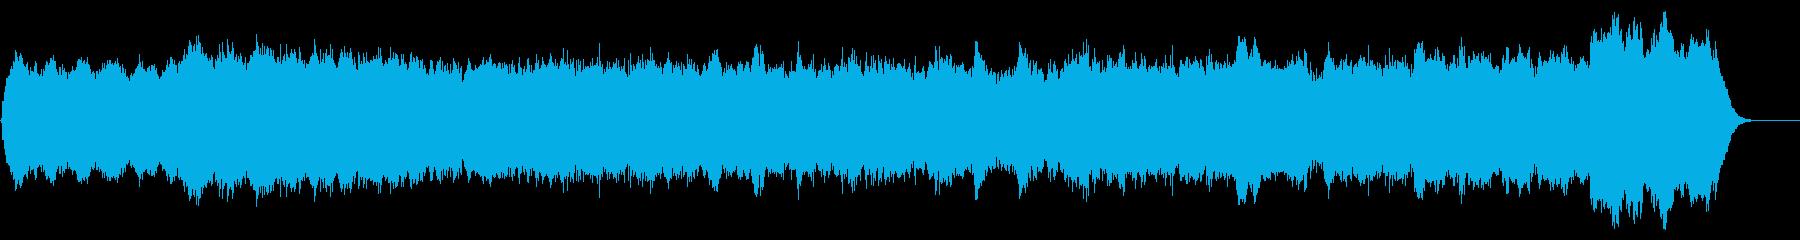 パイプオルガンオリジナル曲バッハ風です。の再生済みの波形